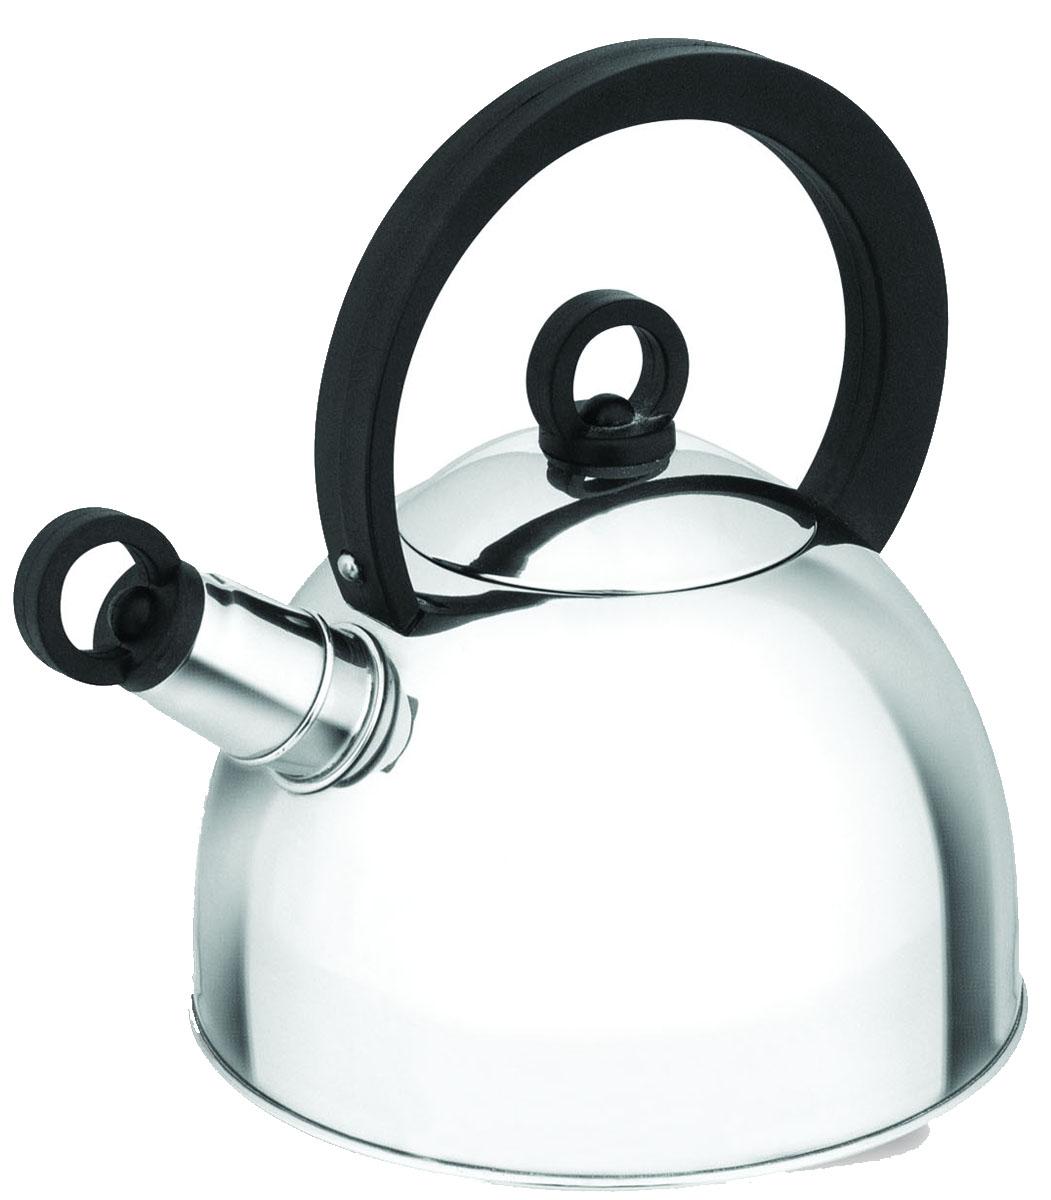 Чайник Irit, со свистком, цвет: серебристый, 2 лIRH-401Чайник из нержавеющей стали Объем 2 л, свисток, неподвижная не нагревающаяся ручка из термостойкого пластика, однослойное дно, полезный объем 1,7 л